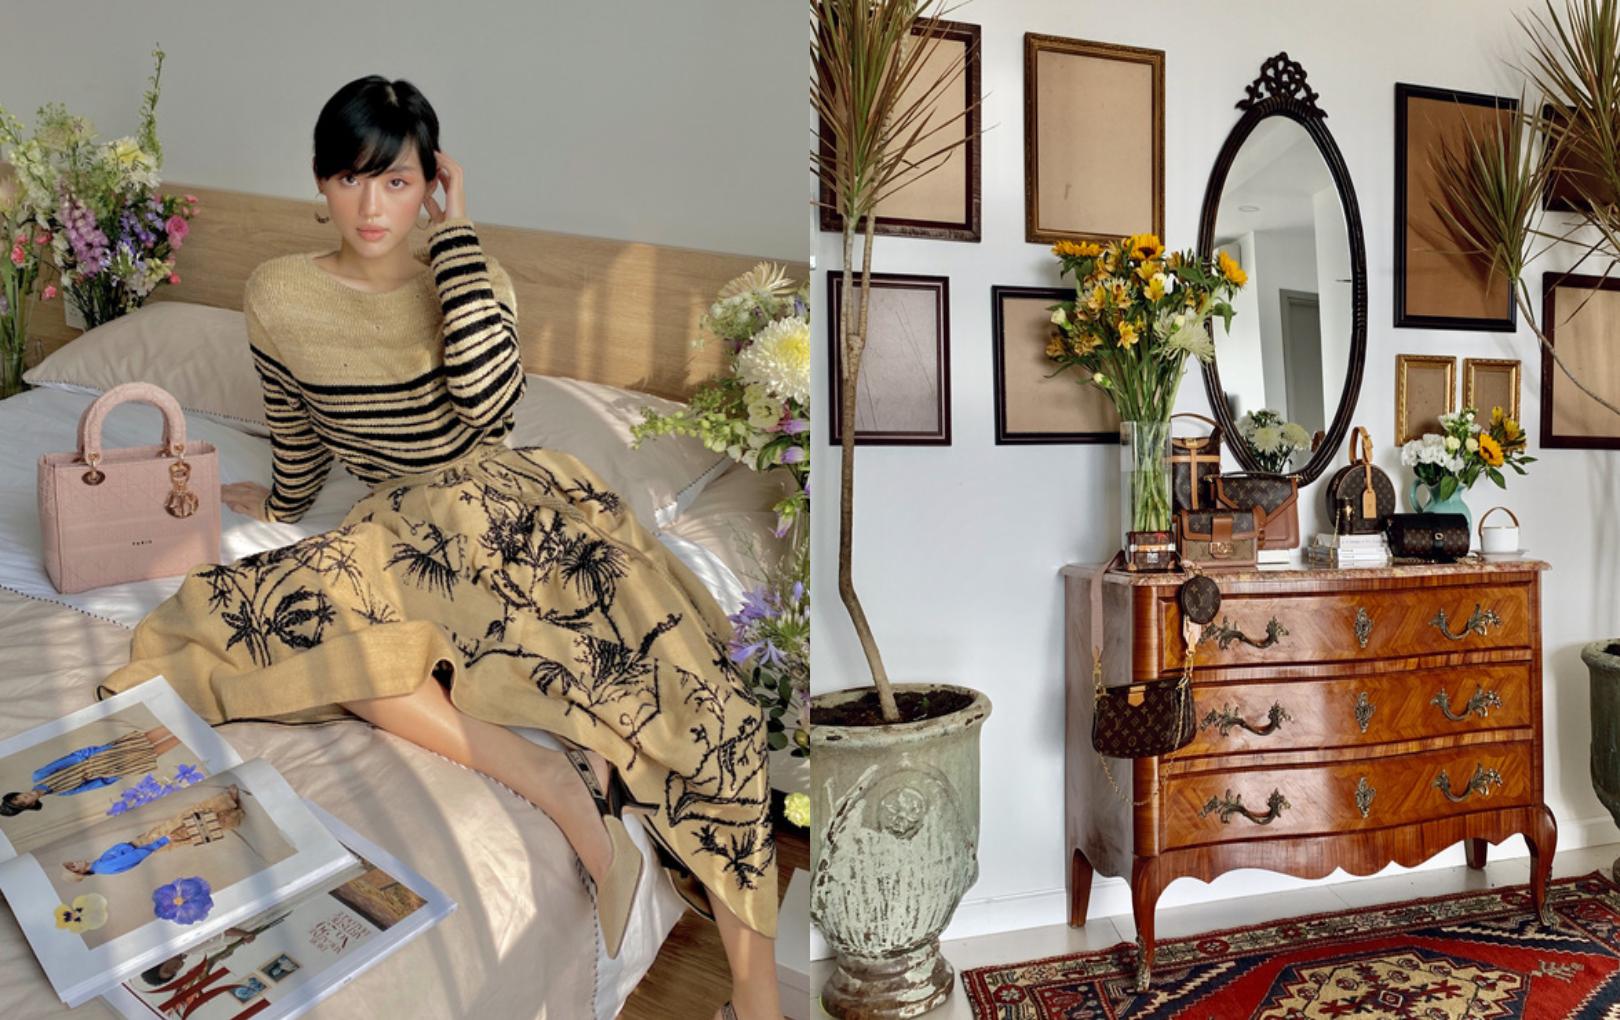 Nhà thuê nhưng Khánh Linh vẫn chi tới 400 triệu tiền decor, tủ mua tít bên Pháp mất 3 tháng mới ship về đến nơi